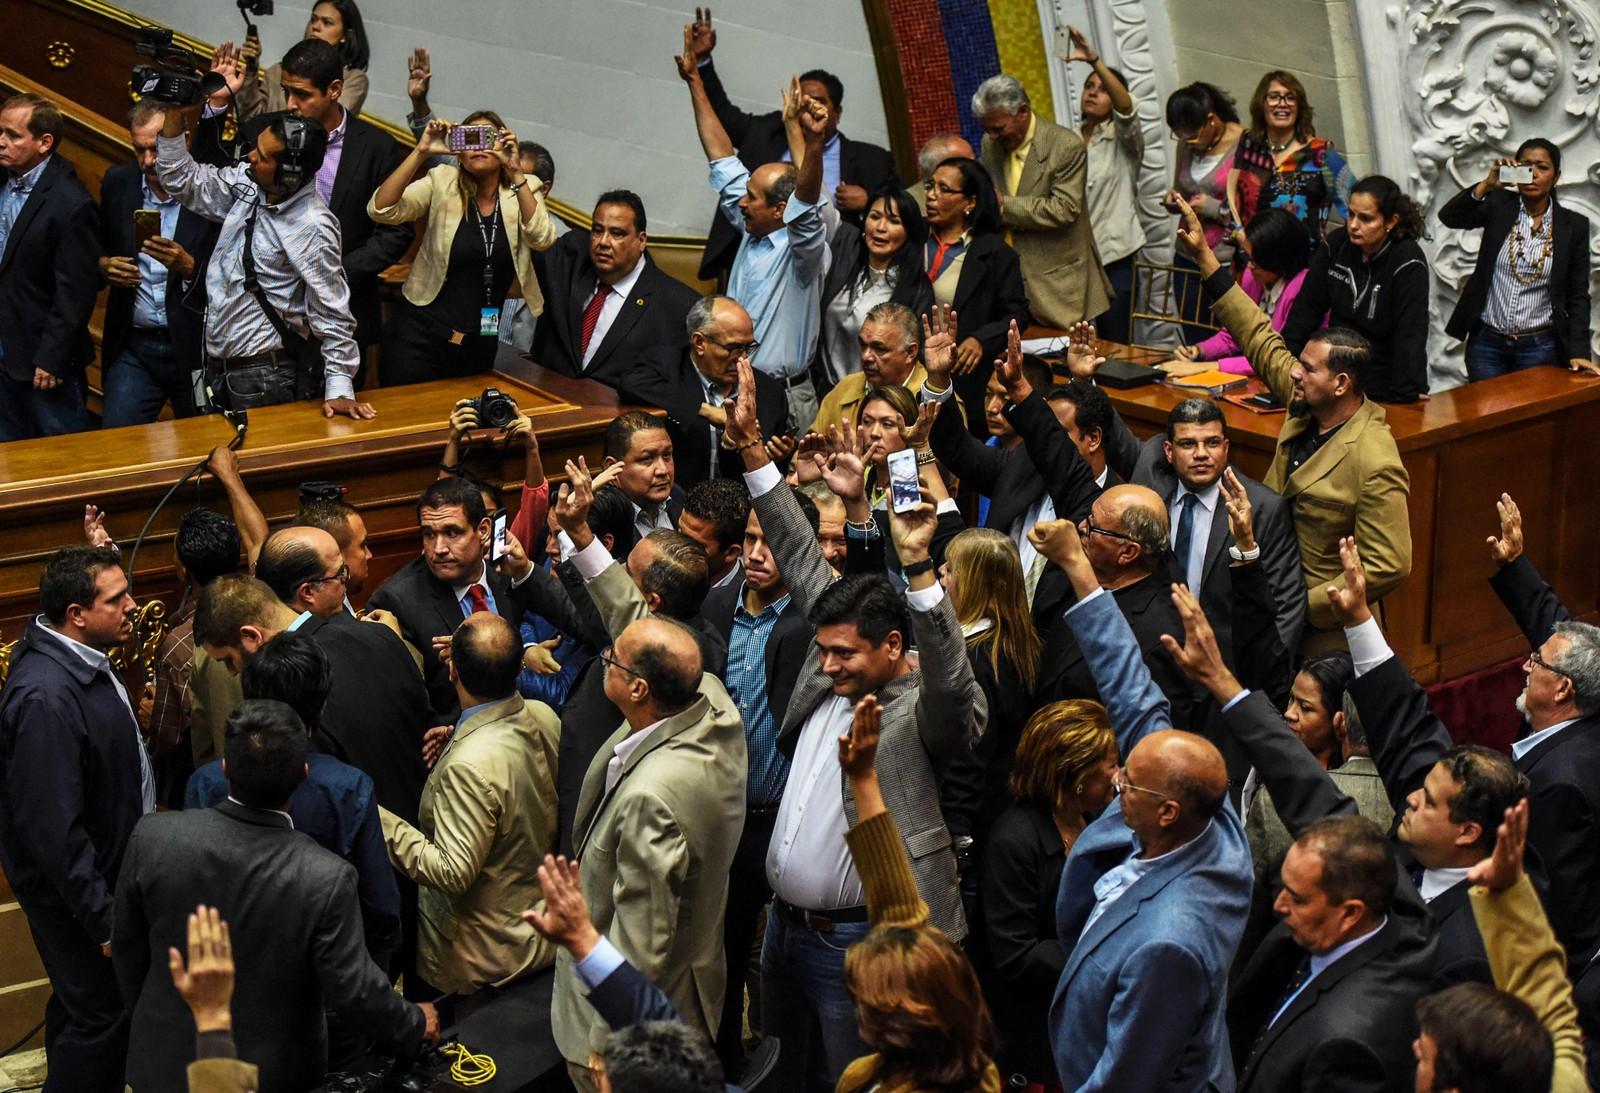 Medlemmer av opposisjonspartiene stemmer for å åpne en politisk straffesak mot sittende president Nicolas Maduro i nasjonalforsamlinga 25. oktober etter at presidenten slo ned på forsøk på å fjerne ham fra makta.